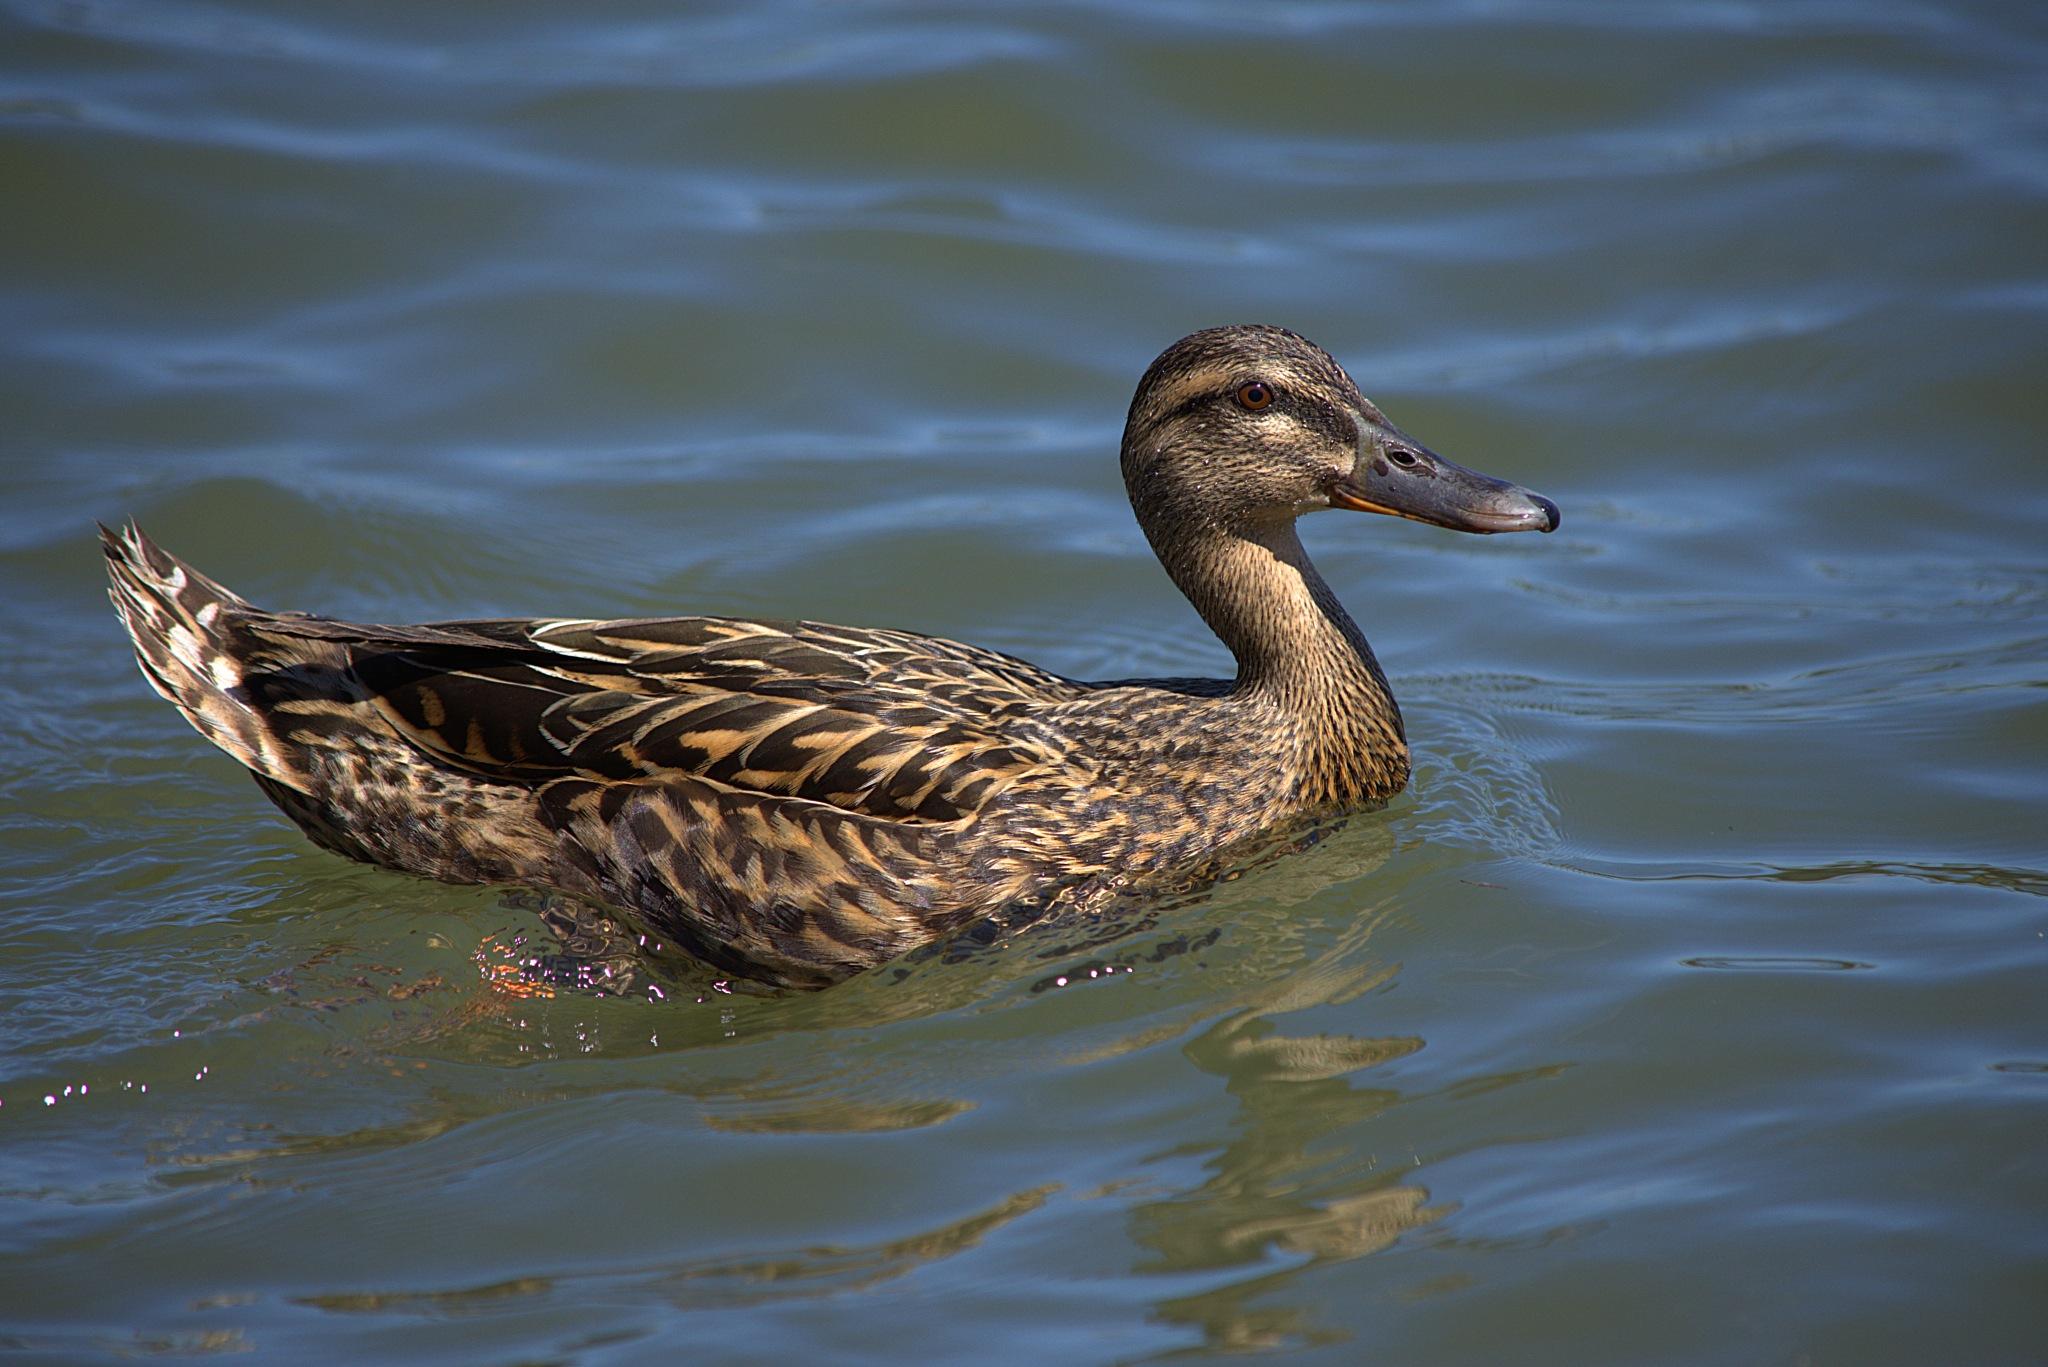 Mallard Duck by pscottwong